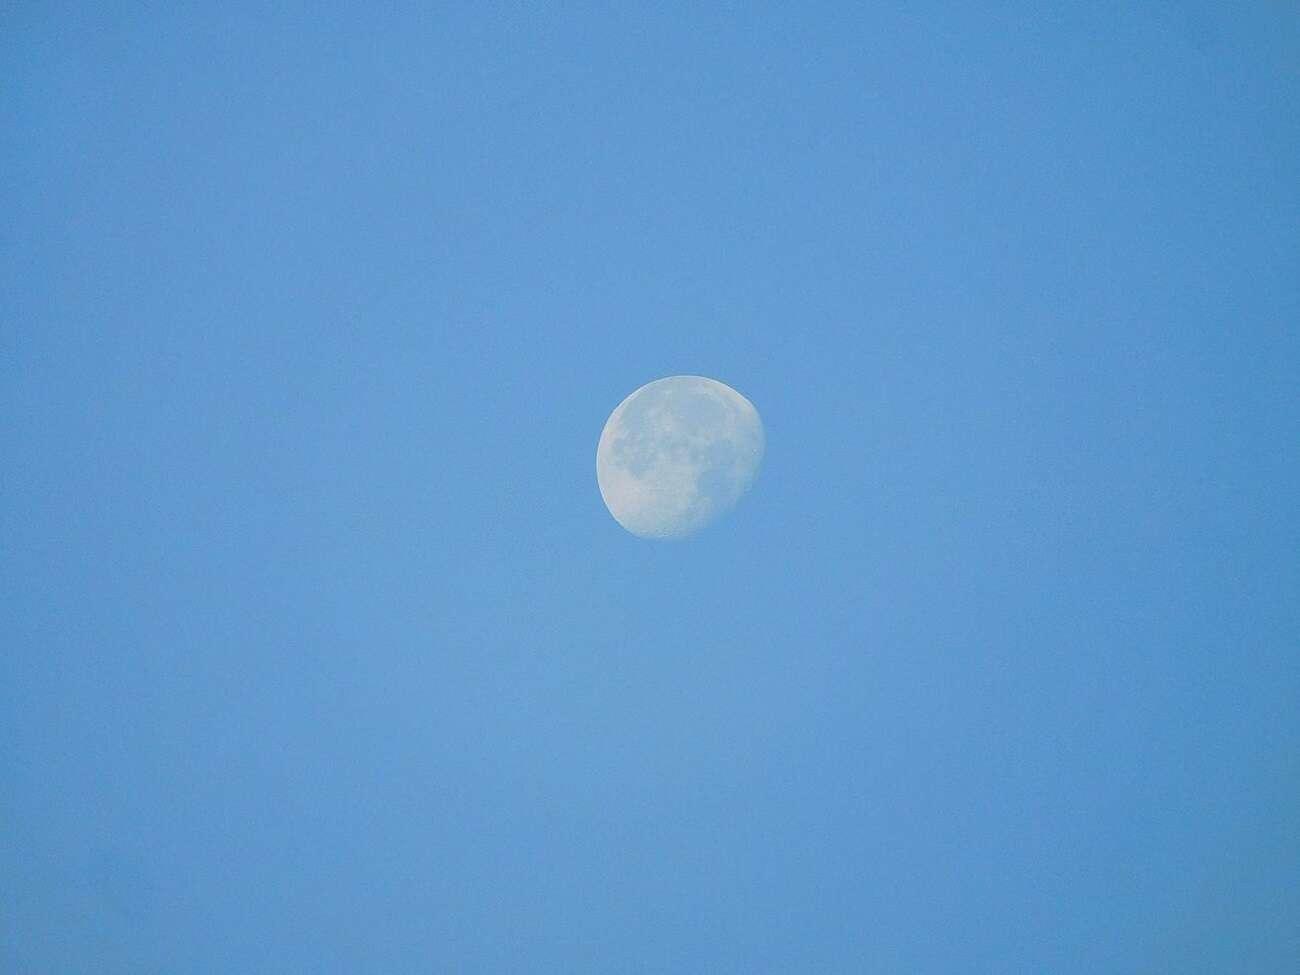 NASA kupi księżycowe skały. I to już za dolara